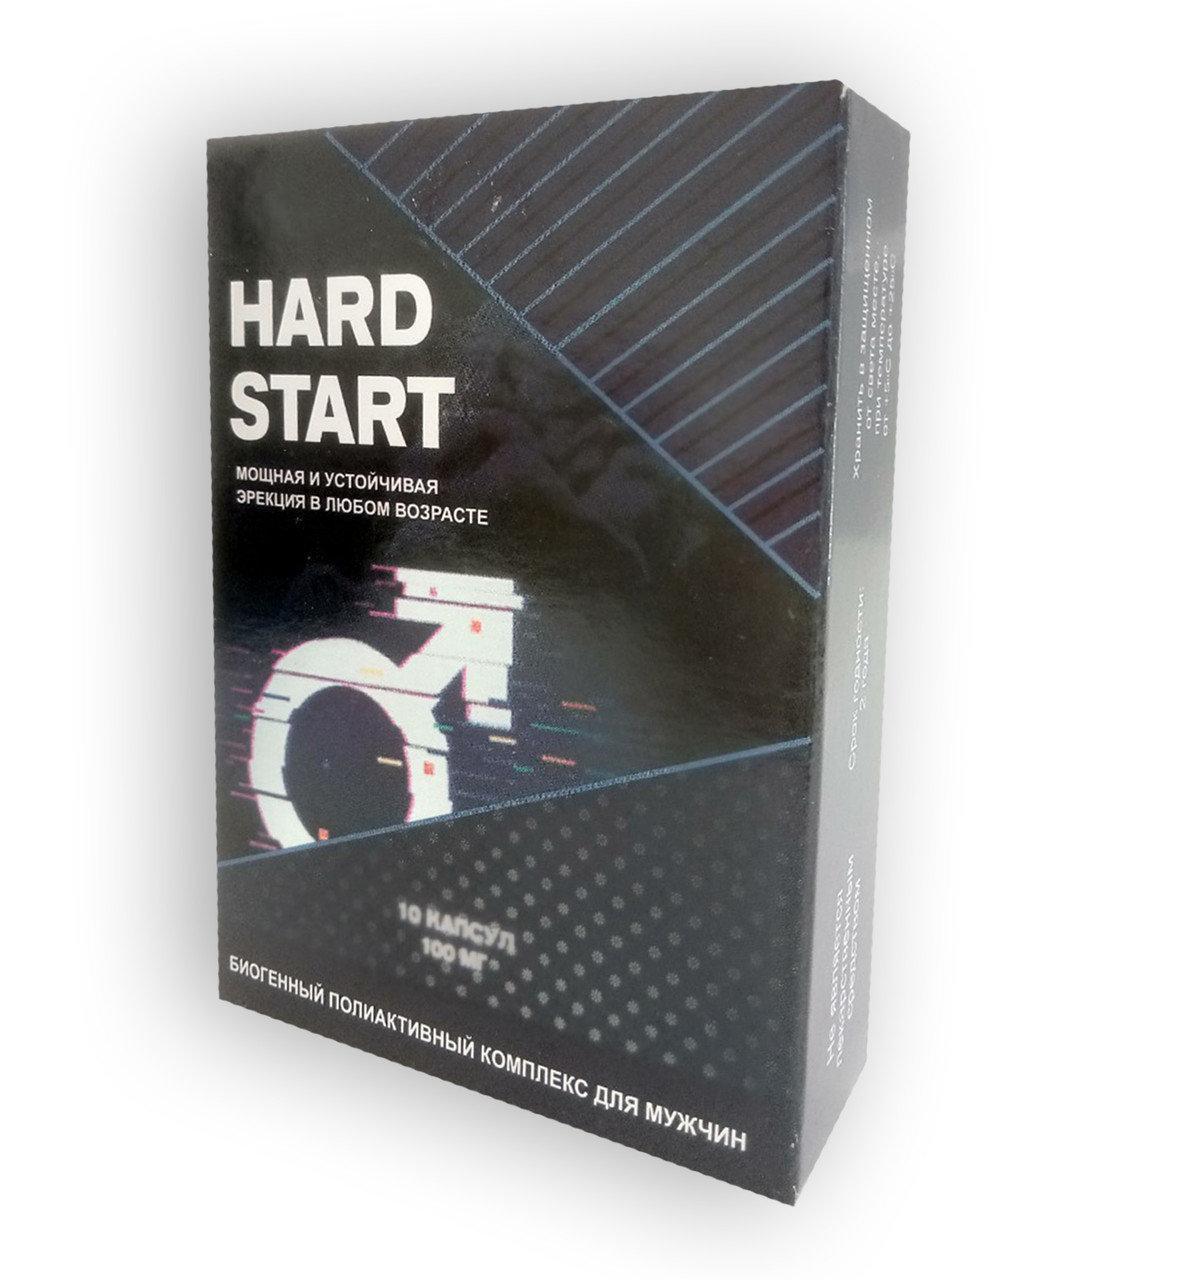 HardStart - Капсули для збільшення потенції (Хард Старт)